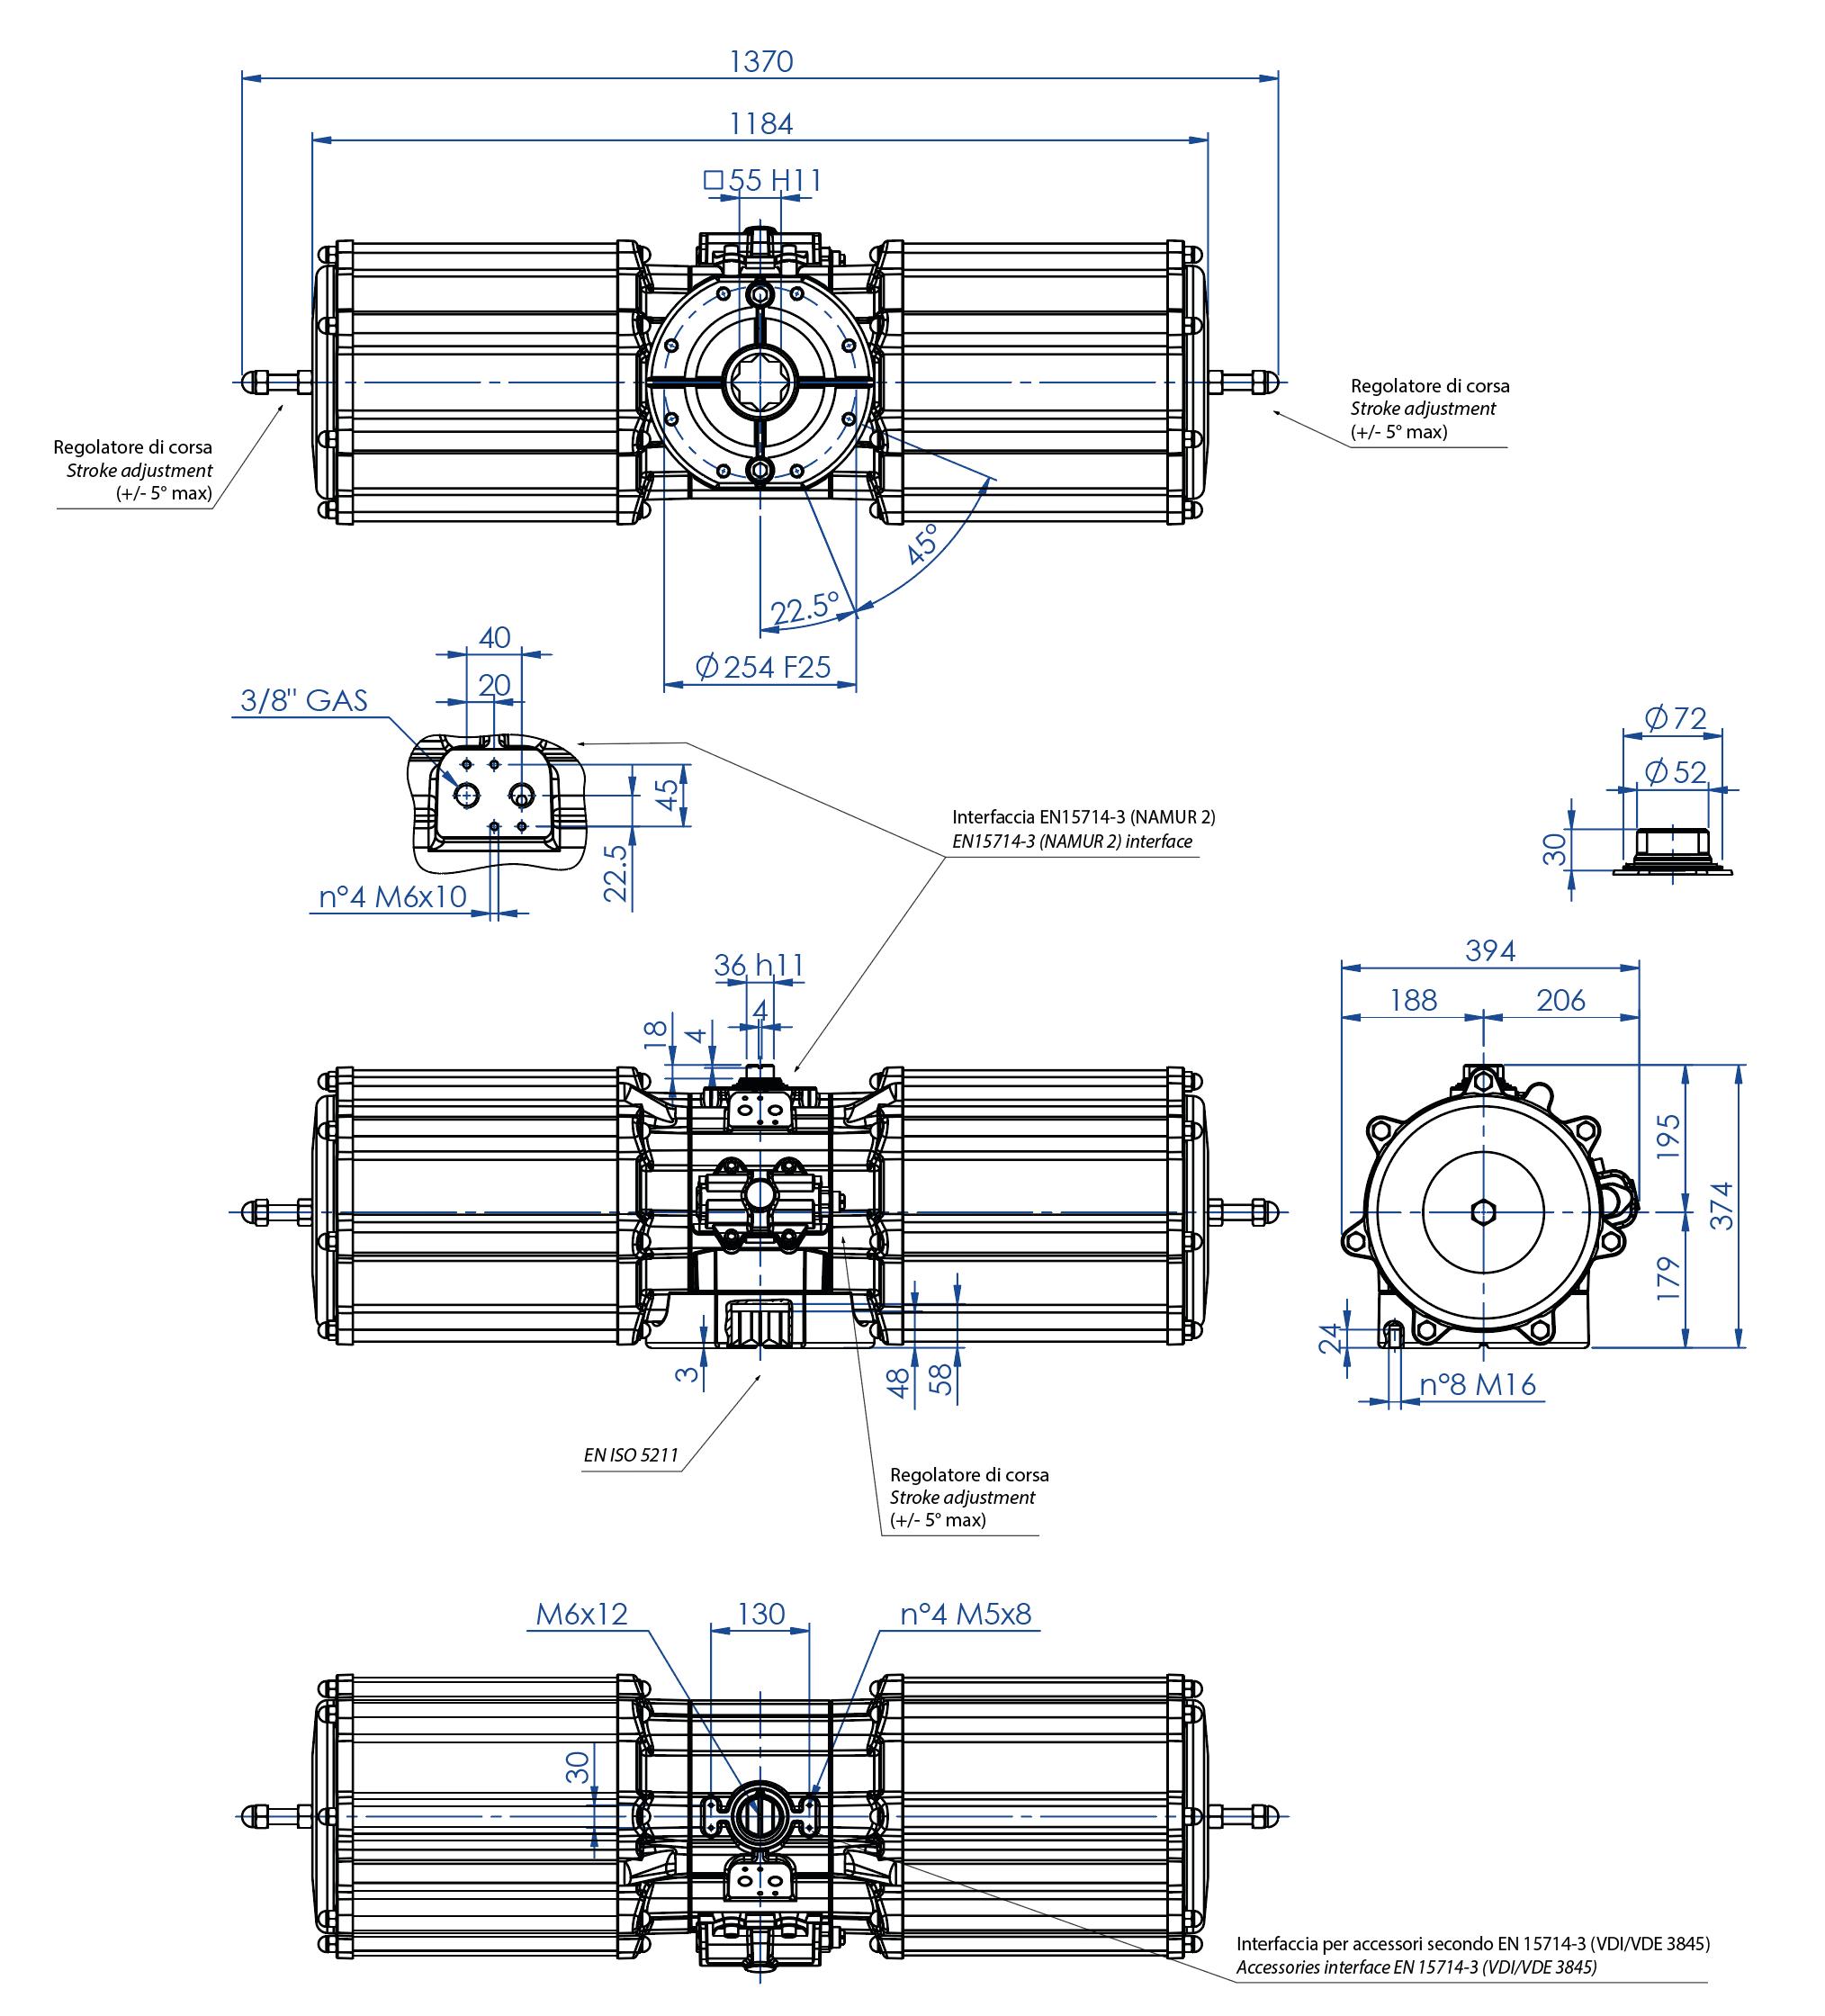 Actionneur pneumatique simple effet GS en aluminium - dimensions - Actionneur pneumatique simple effet mesure GS 4000 (Nm)